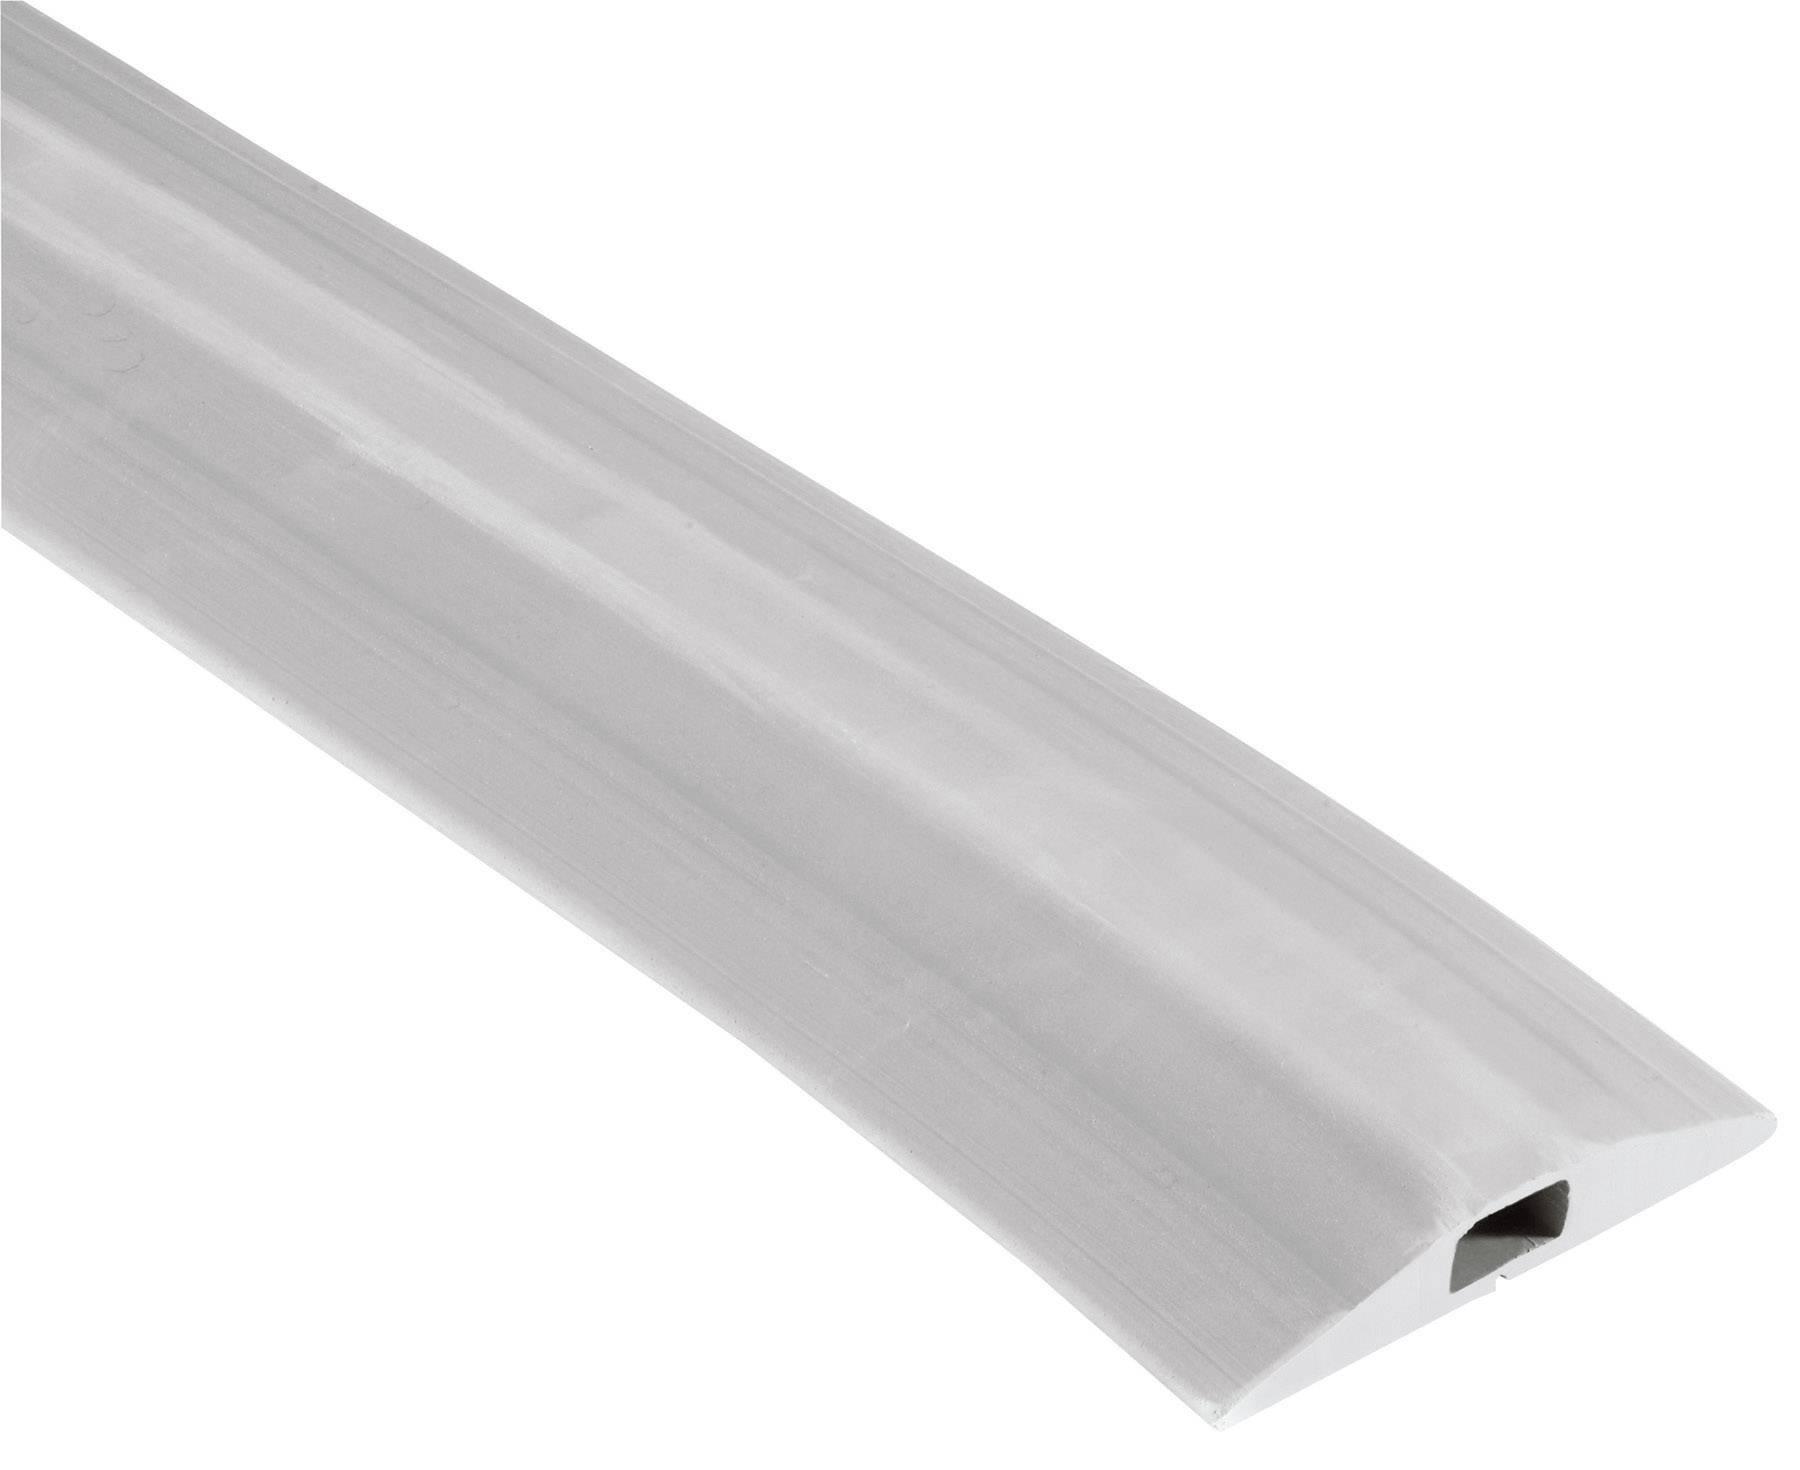 Káblový mostík Vulcascot VUS-002 VUS-002, (d x š x v) 3000 x 68 x 11 mm, sivá, 1 ks